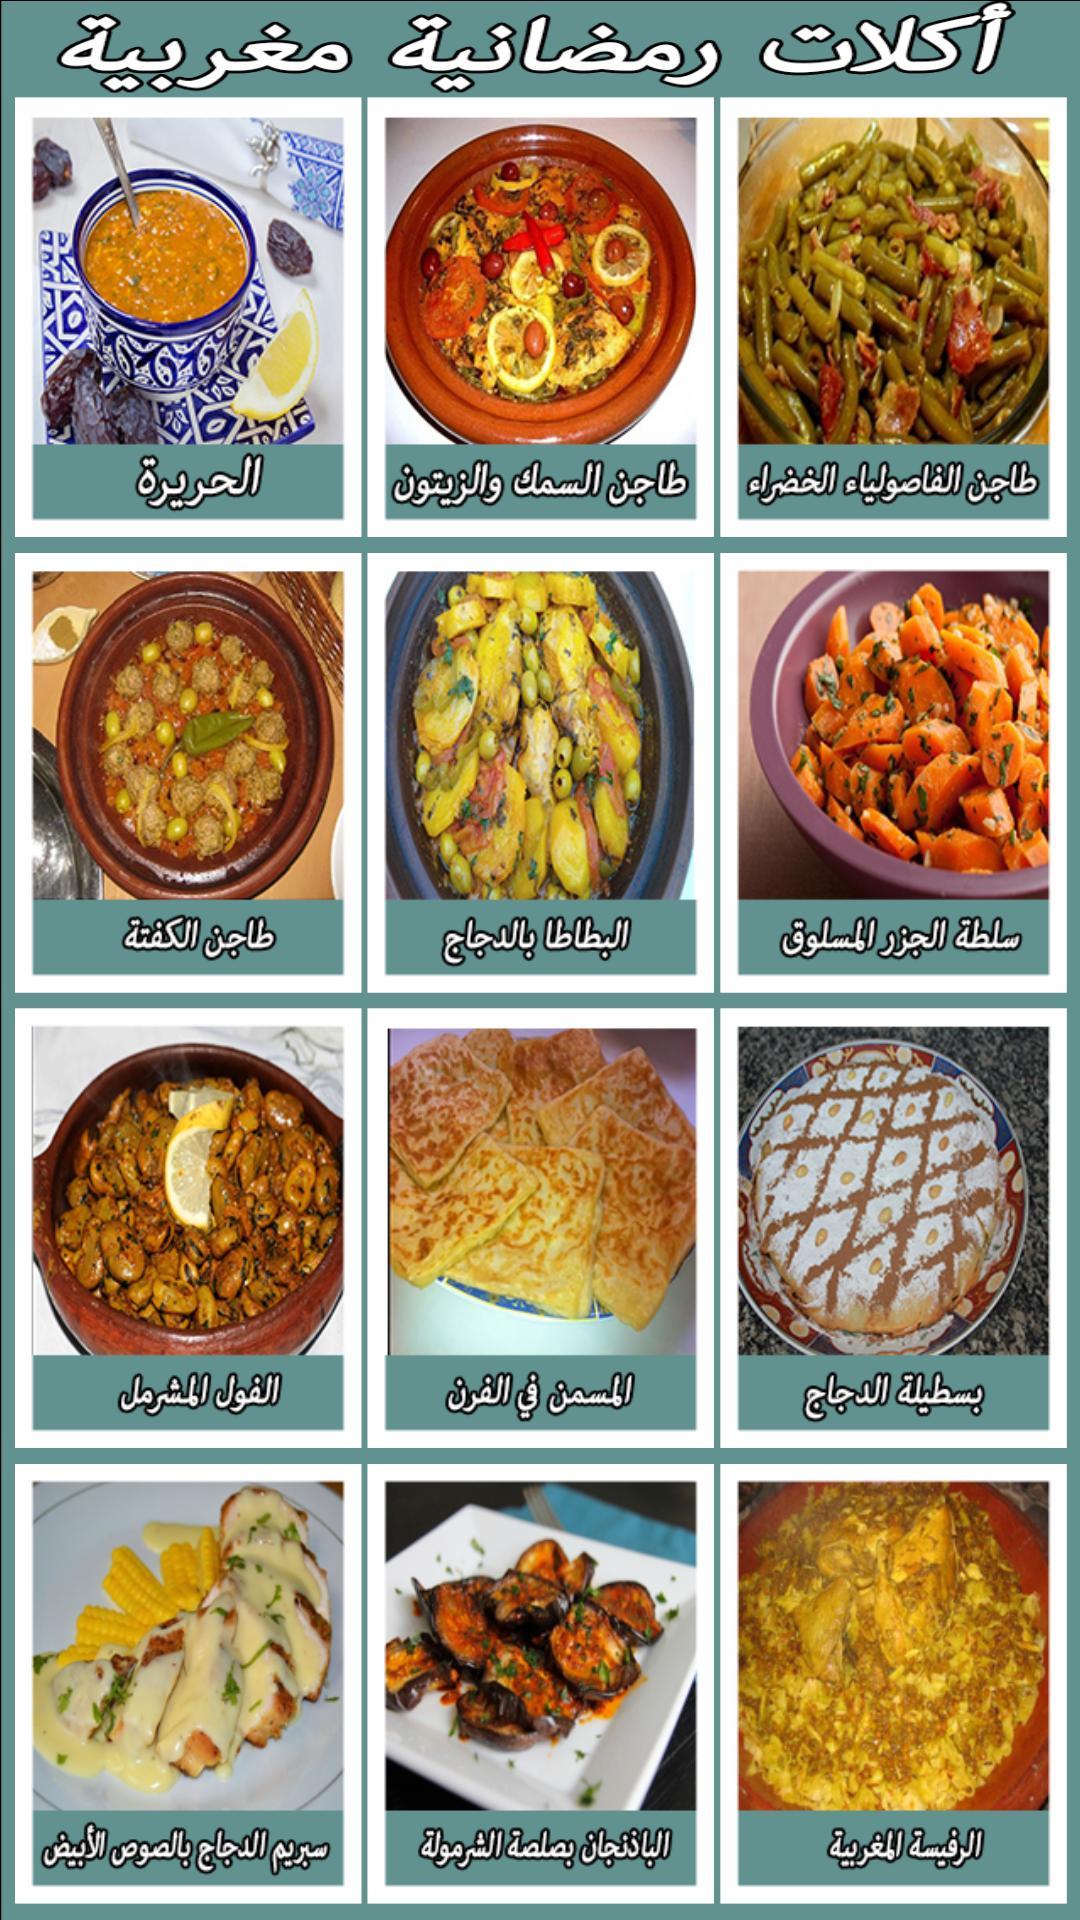 أكلات رمضانية مغربية Fur Android Apk Herunterladen